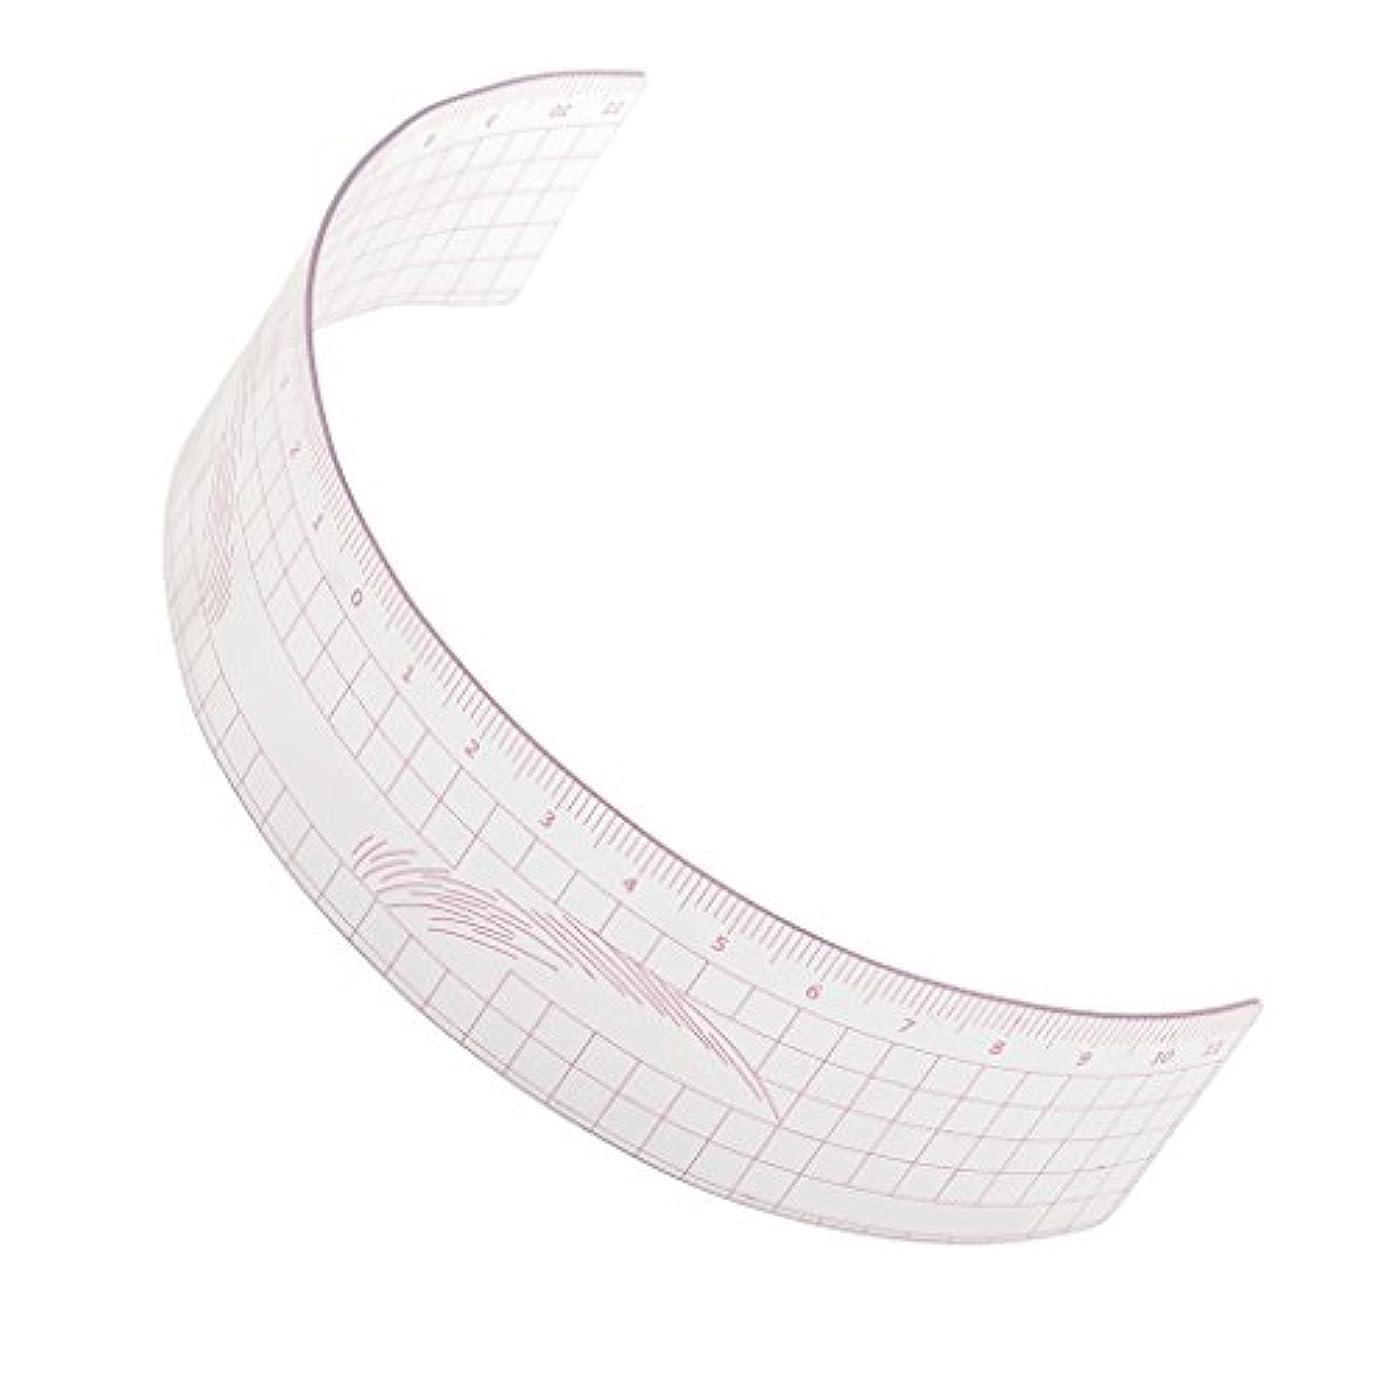 実証する紀元前溢れんばかりのPerfk 再利用可能 メイク 眉毛ステンシル マイクロブレード 測定用 ルーラー ツール 全3色 - ピンク